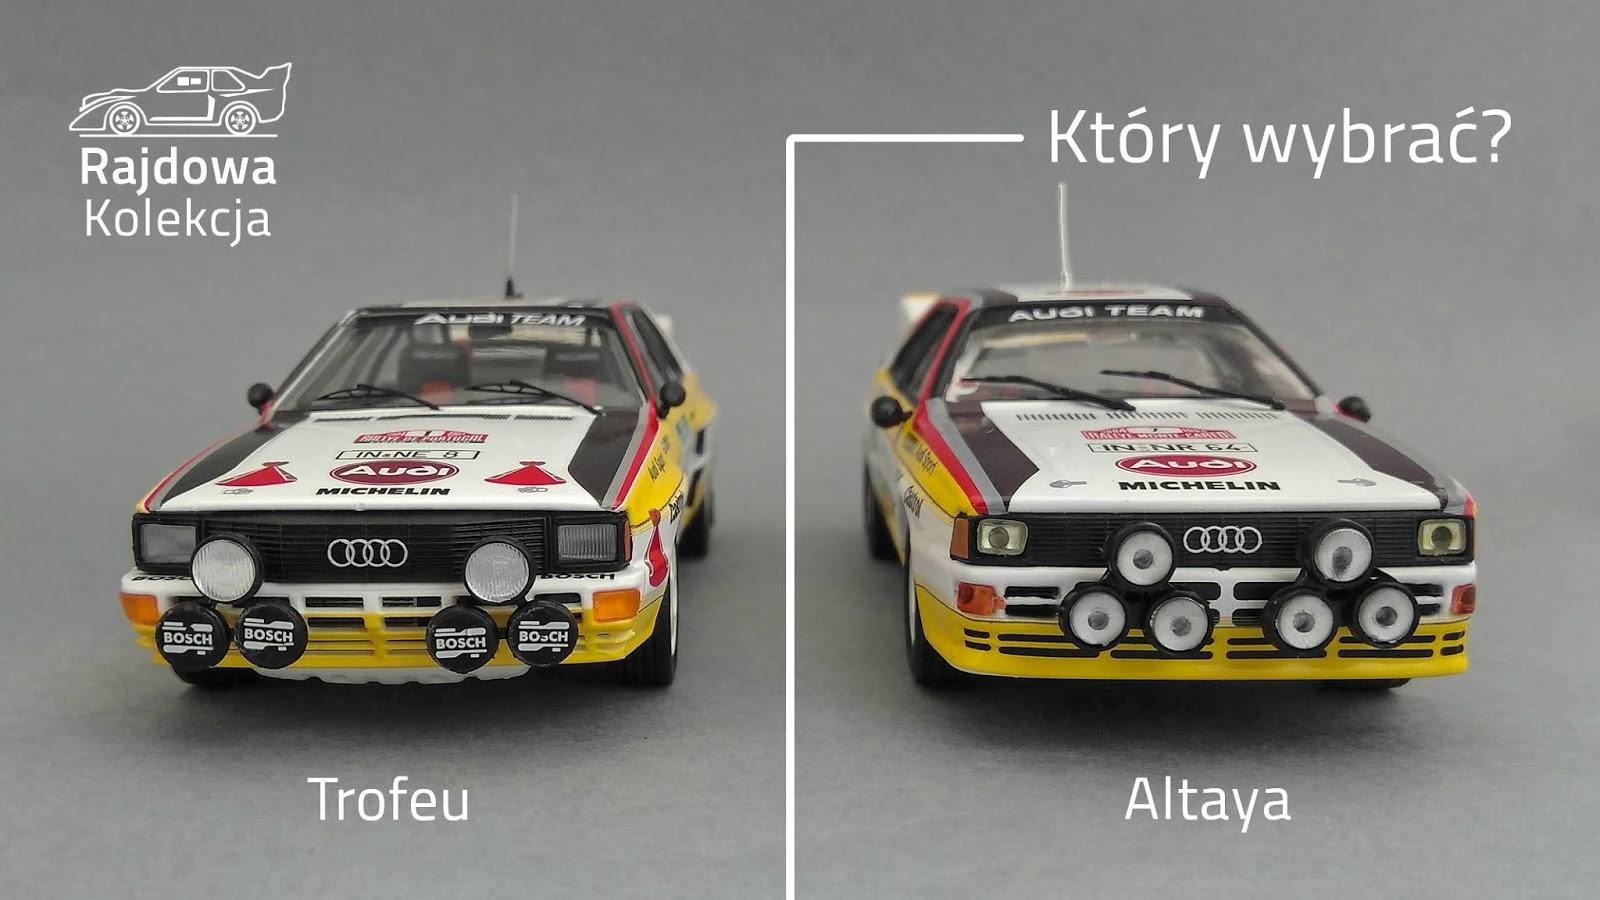 Trofeu vs. Altaya - Audi Quattro A2 1984